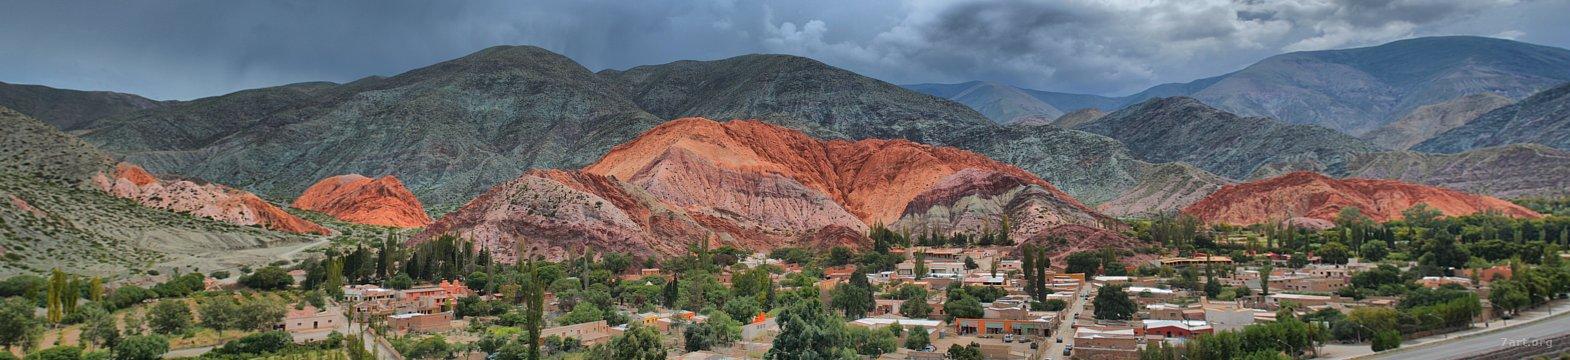 Purmamarca y el cerro de los 7 colores